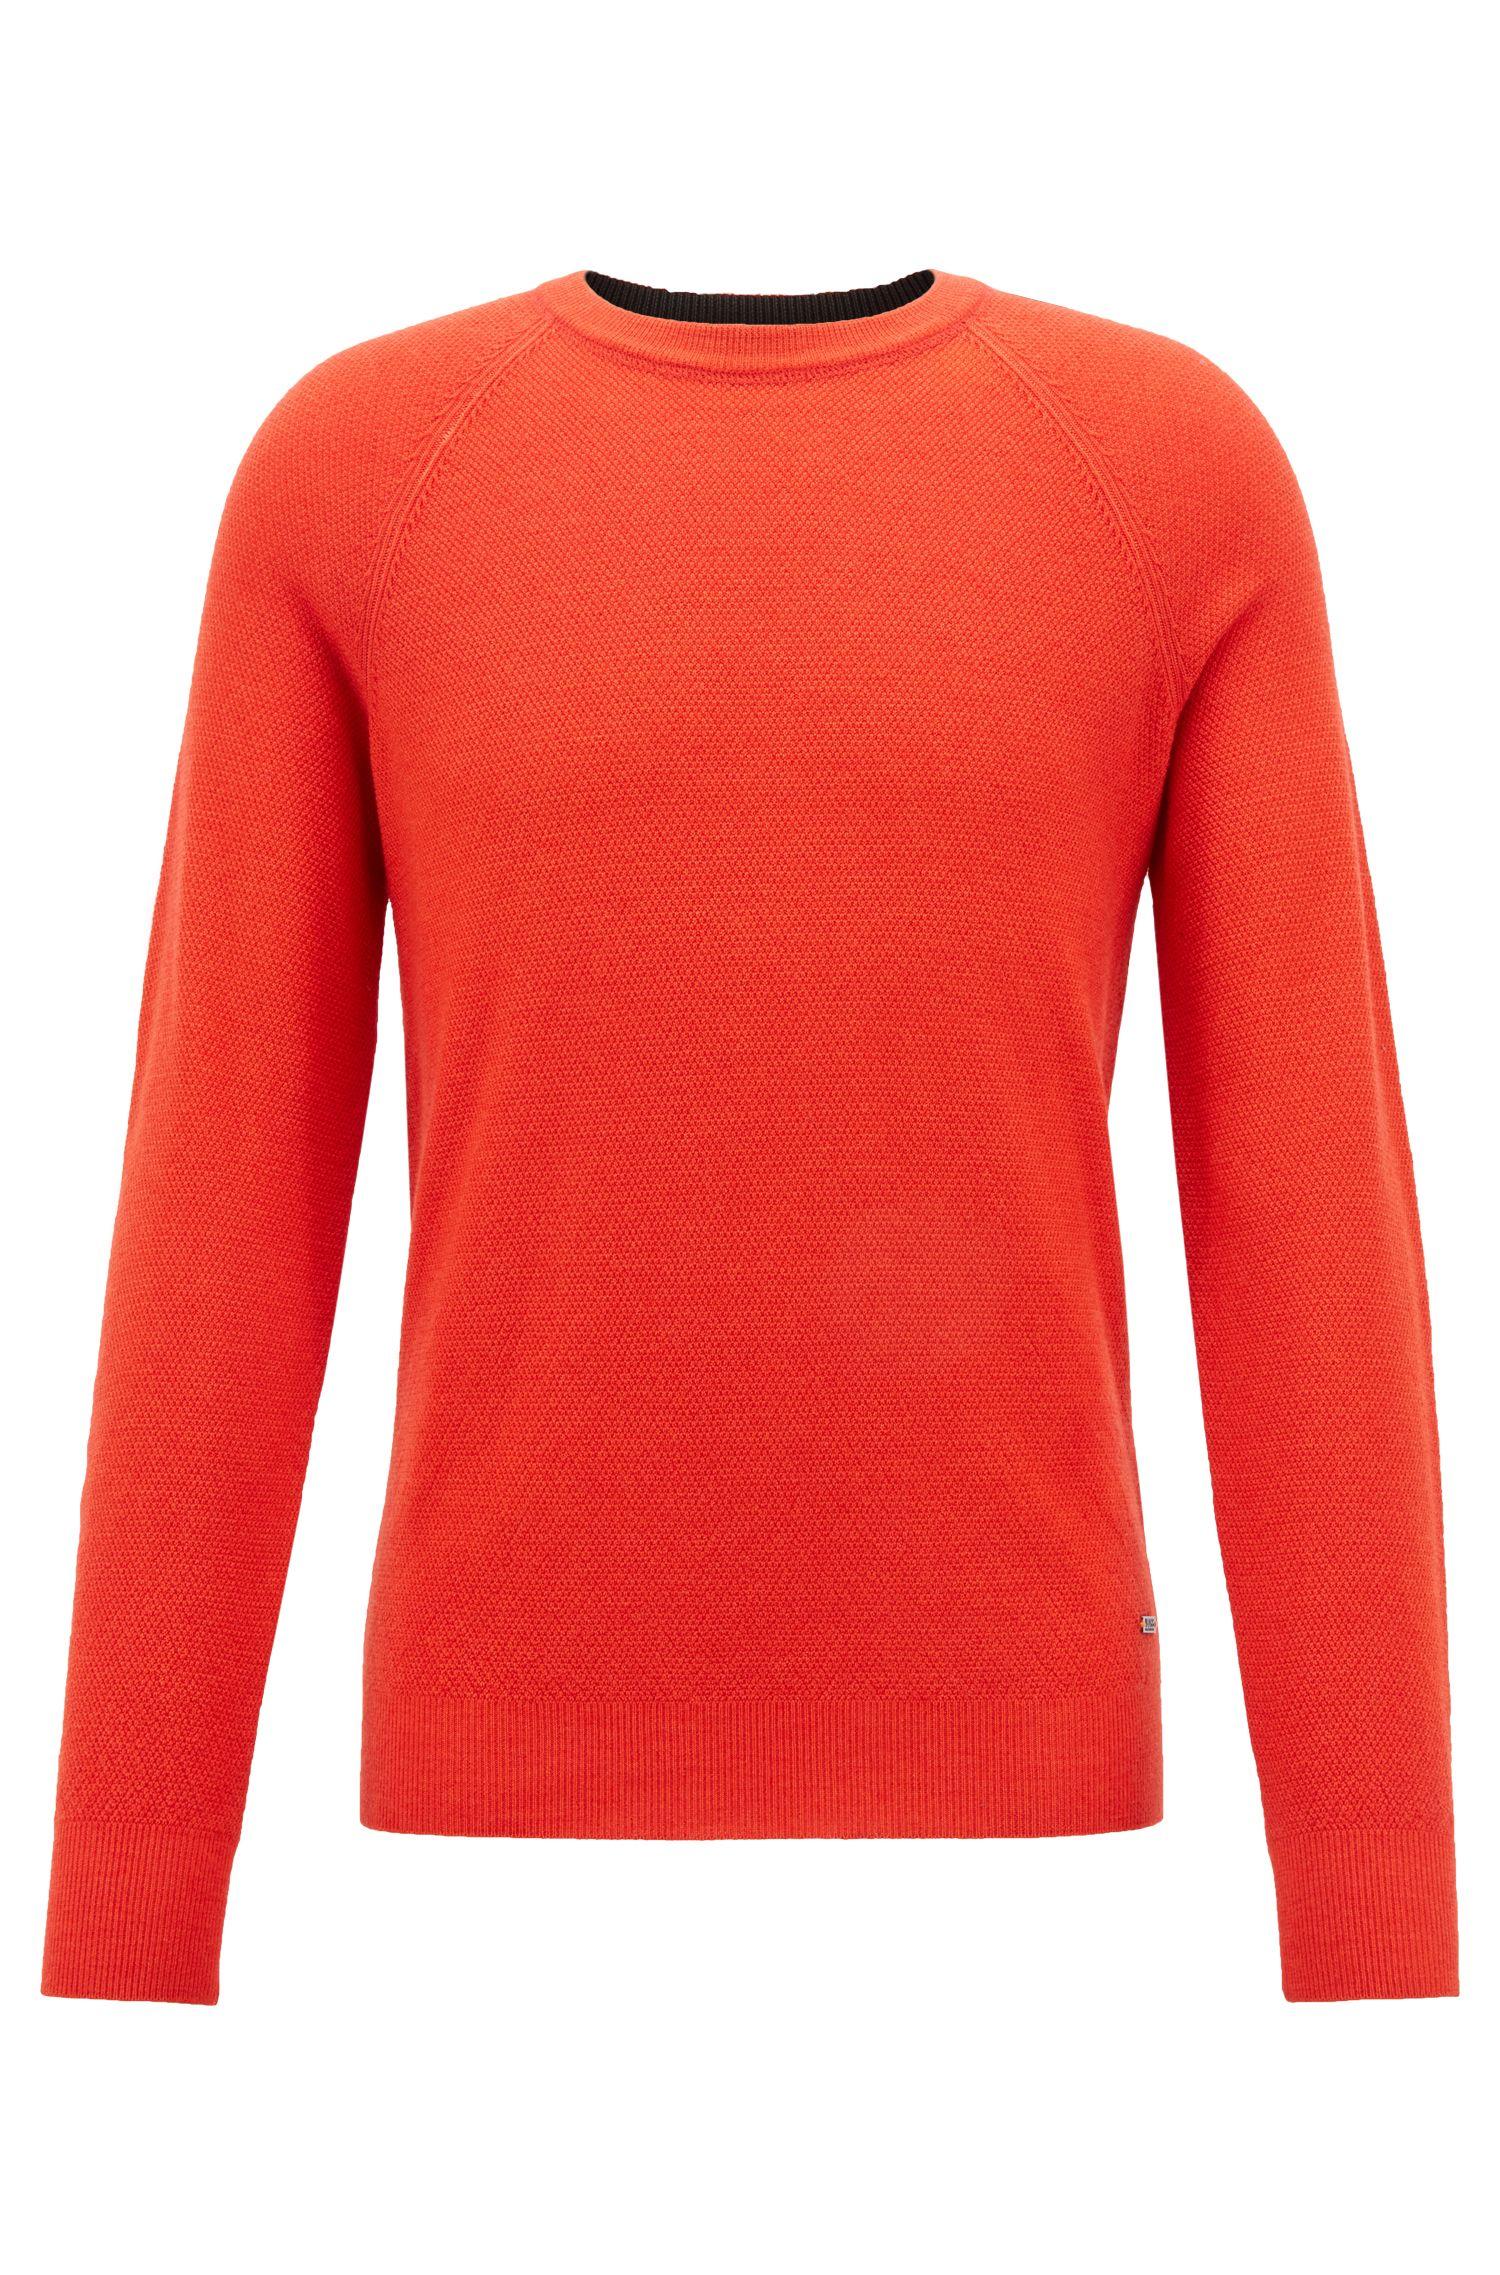 Crew-neck sweater in lightweight merino wool piqué, Open Red